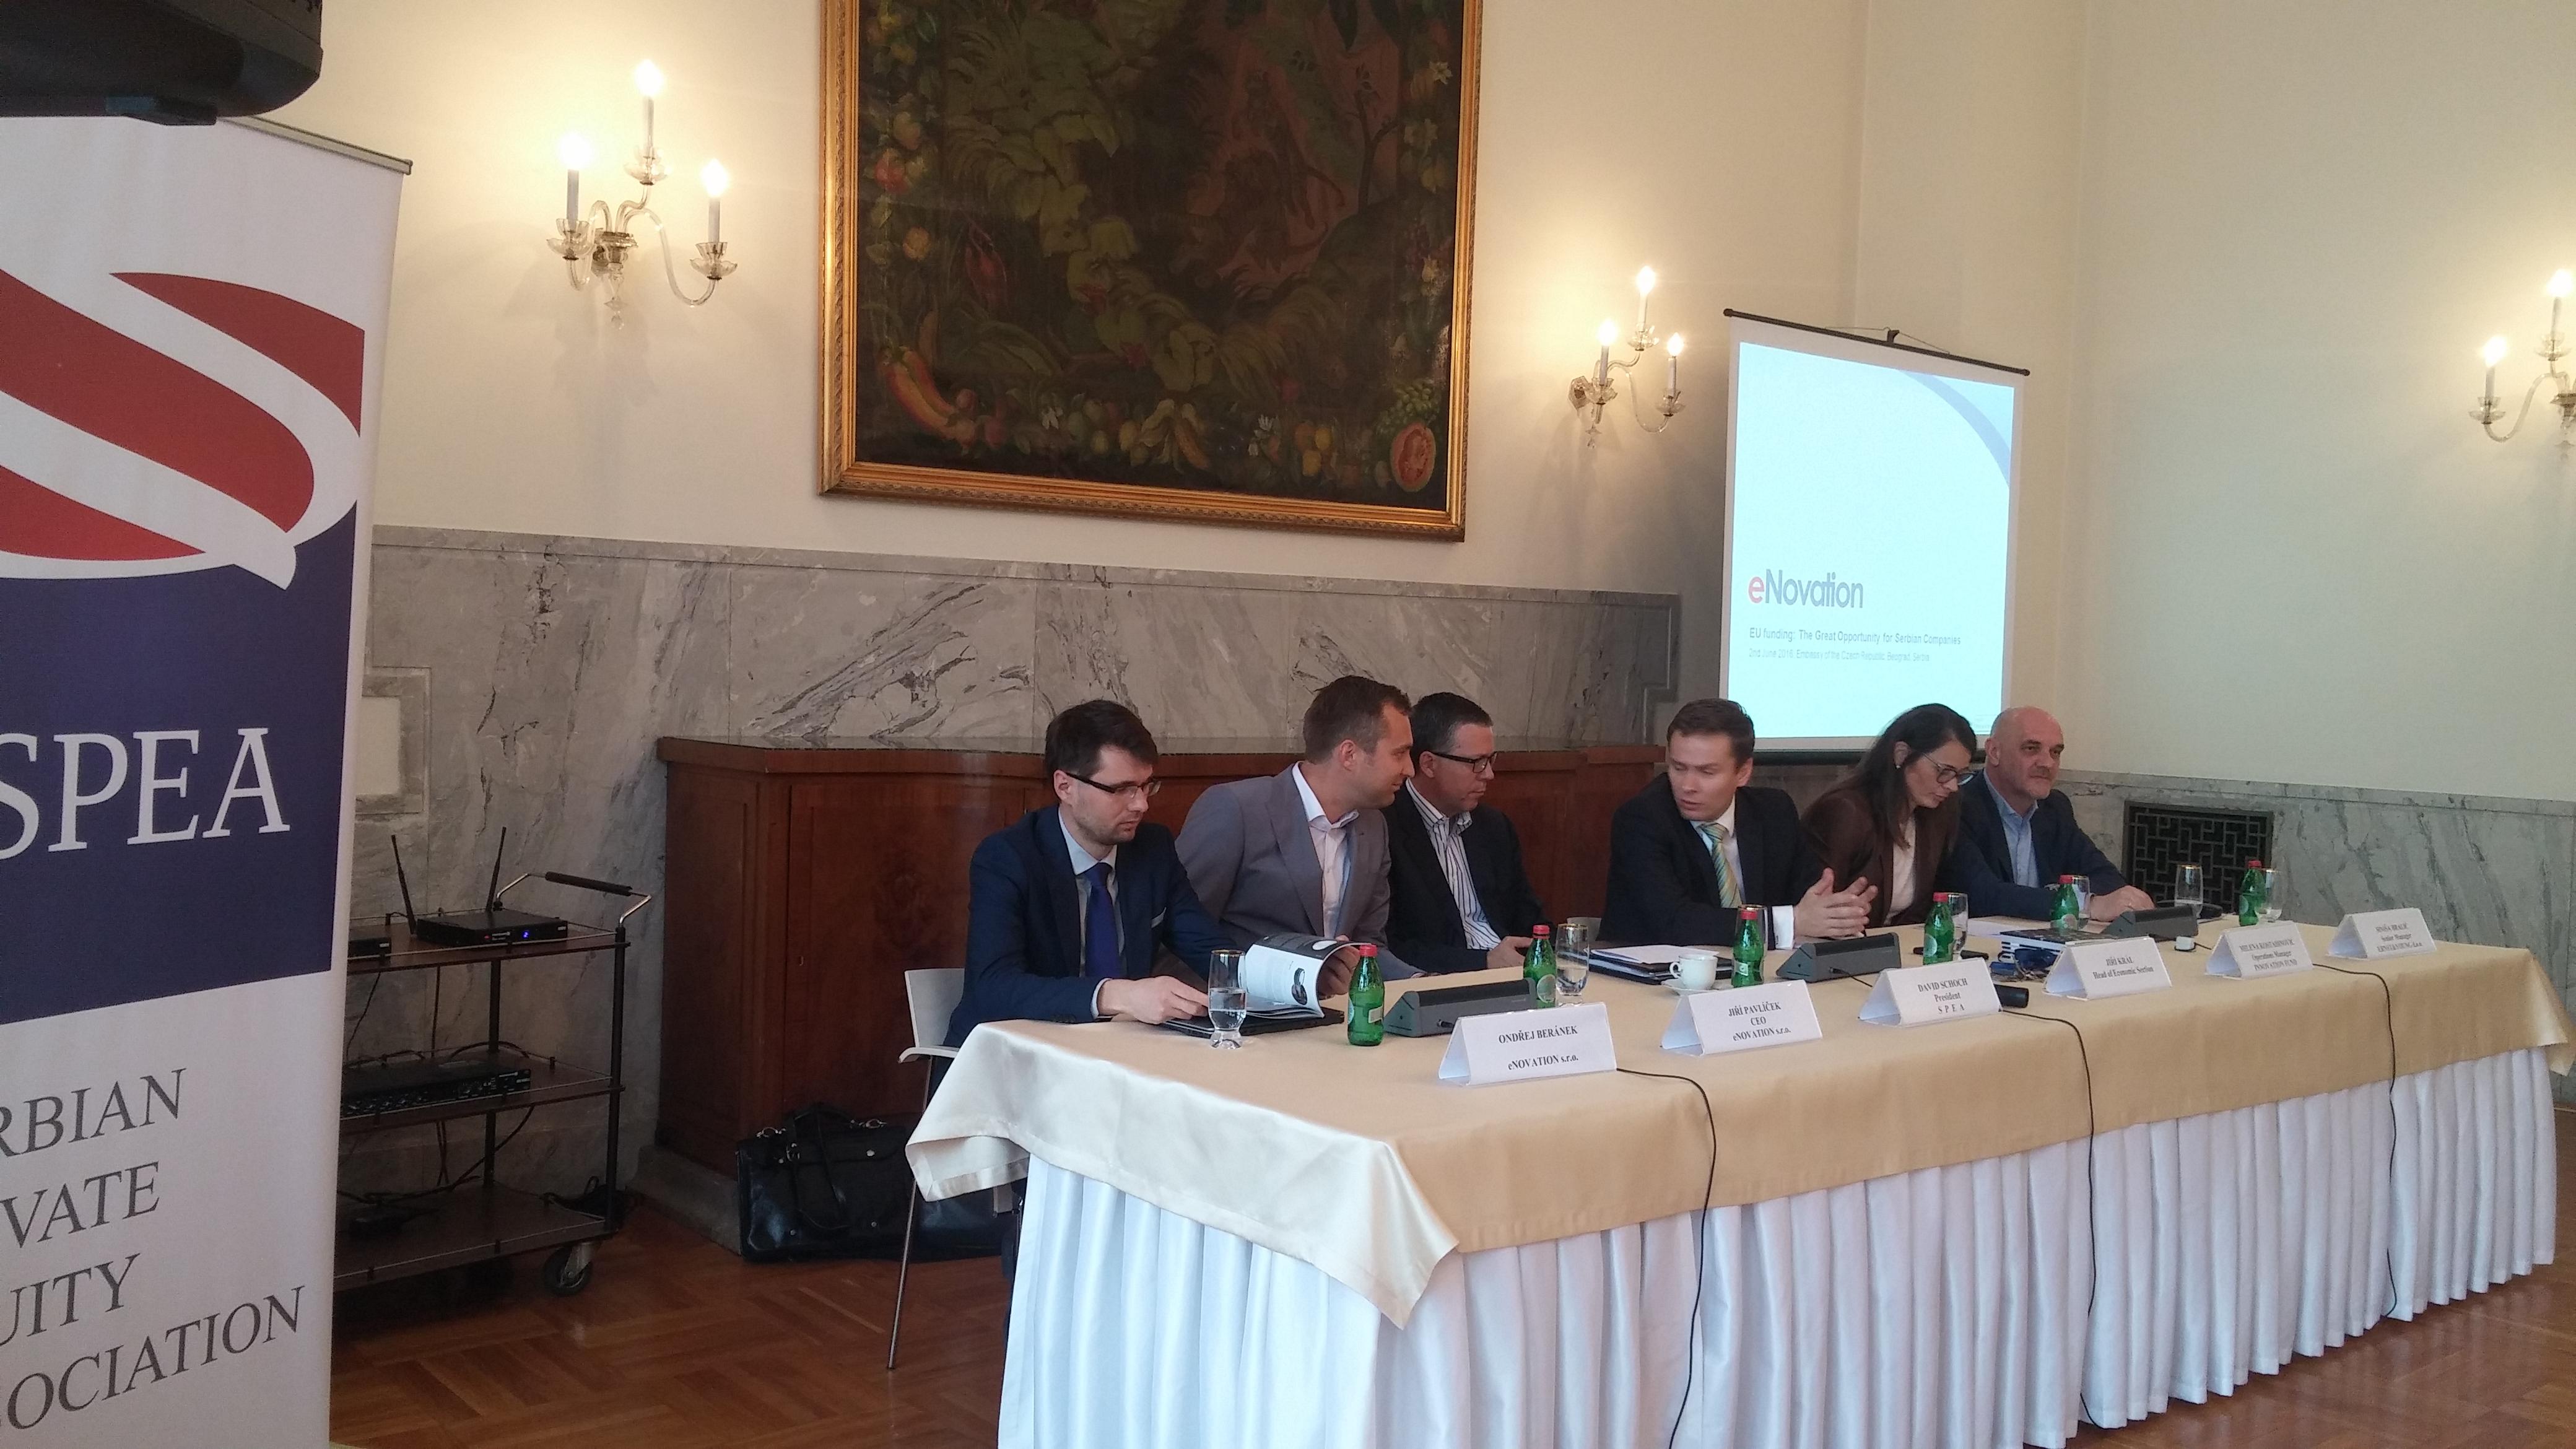 Cesko iskustvo za podrsku srpskoj ekonomiji i drustvu_fotografija sa dogadjaja